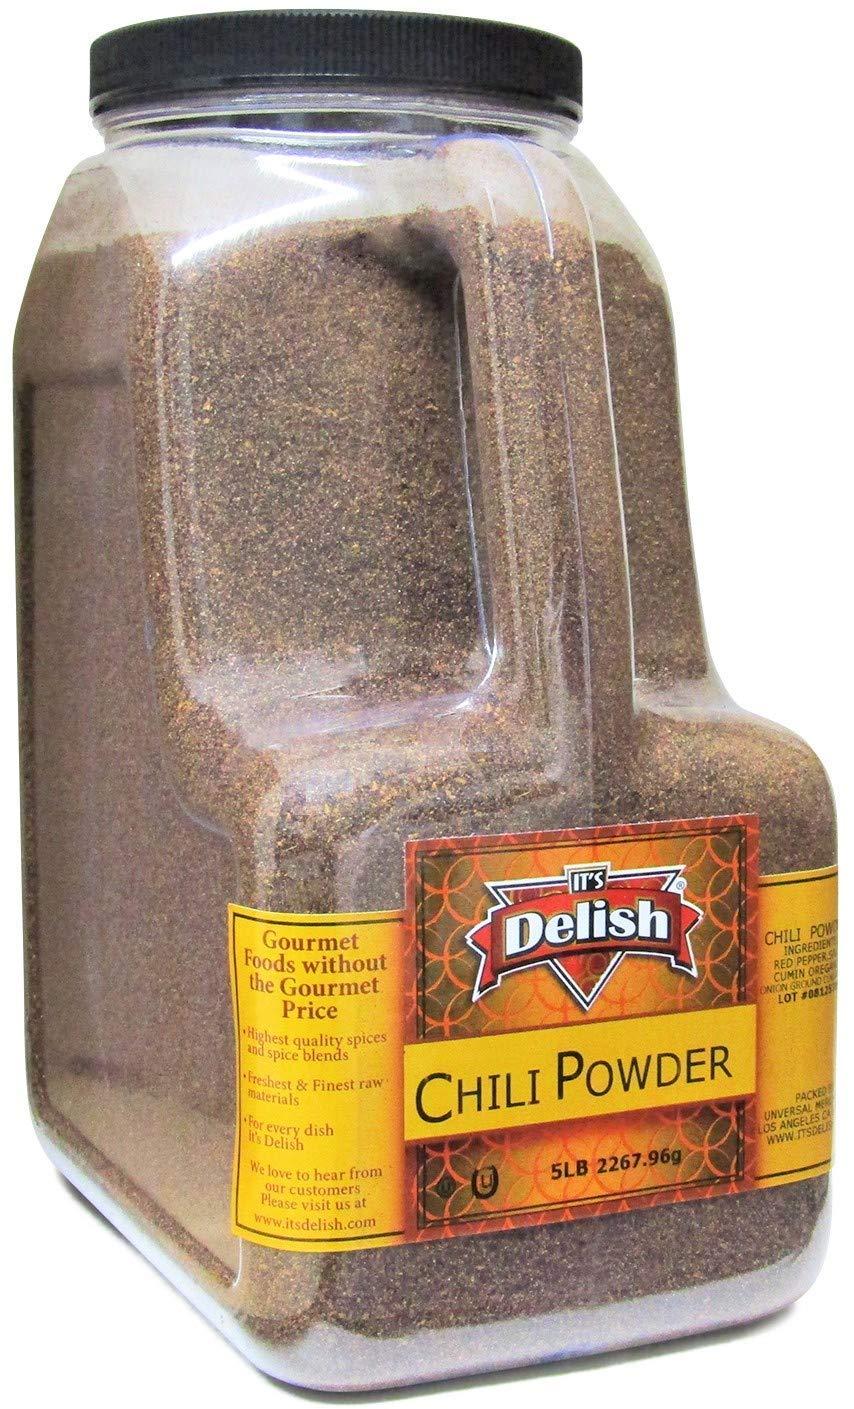 Gourmet Dark Chili Powder Its Delish Gallon Max 61% OFF LBS 5 Ju – Sale item Size